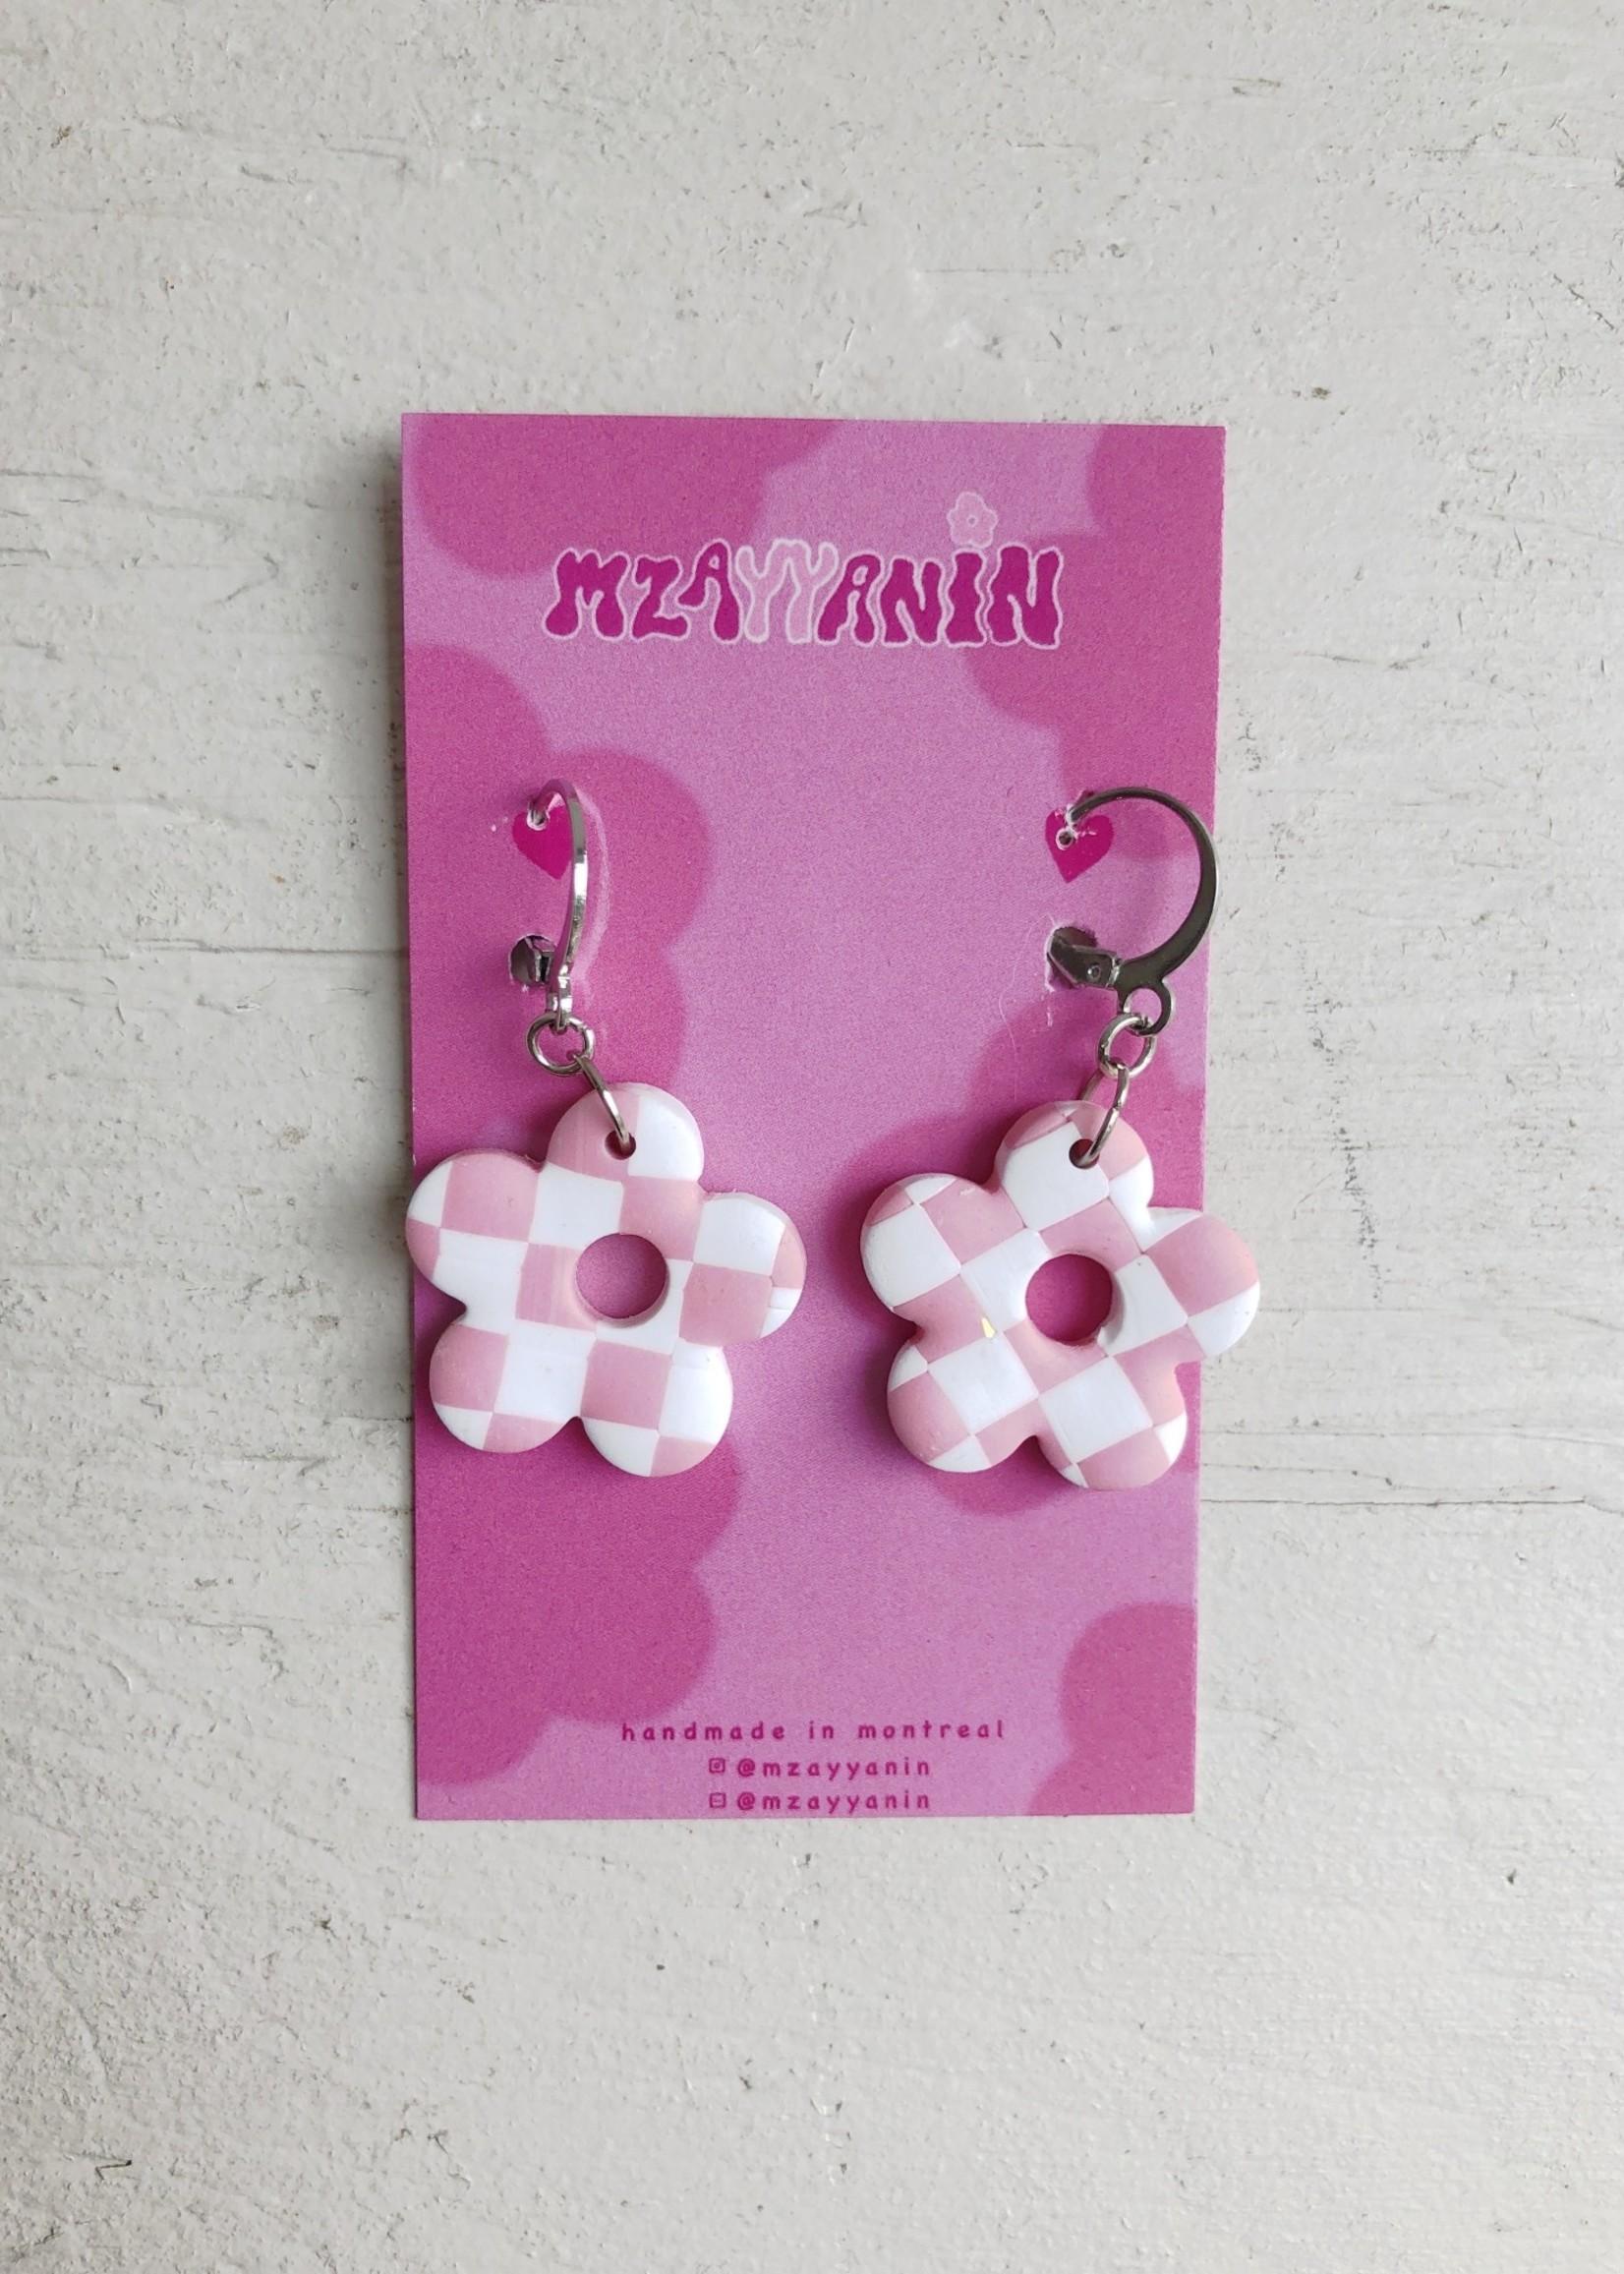 Mzayyanin Daisy Check Earrings by Mzayyanin